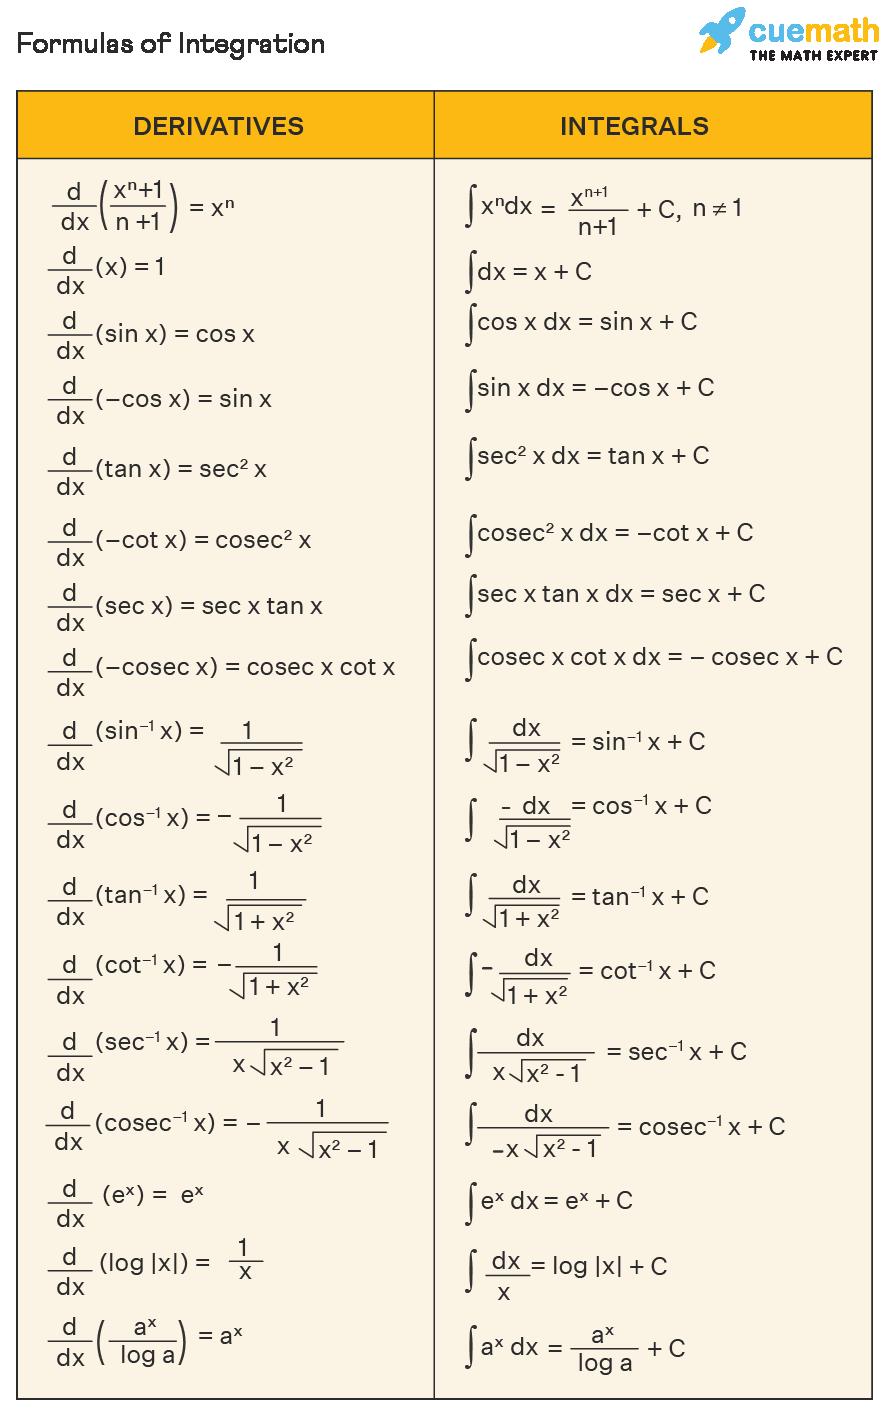 formulas of integration